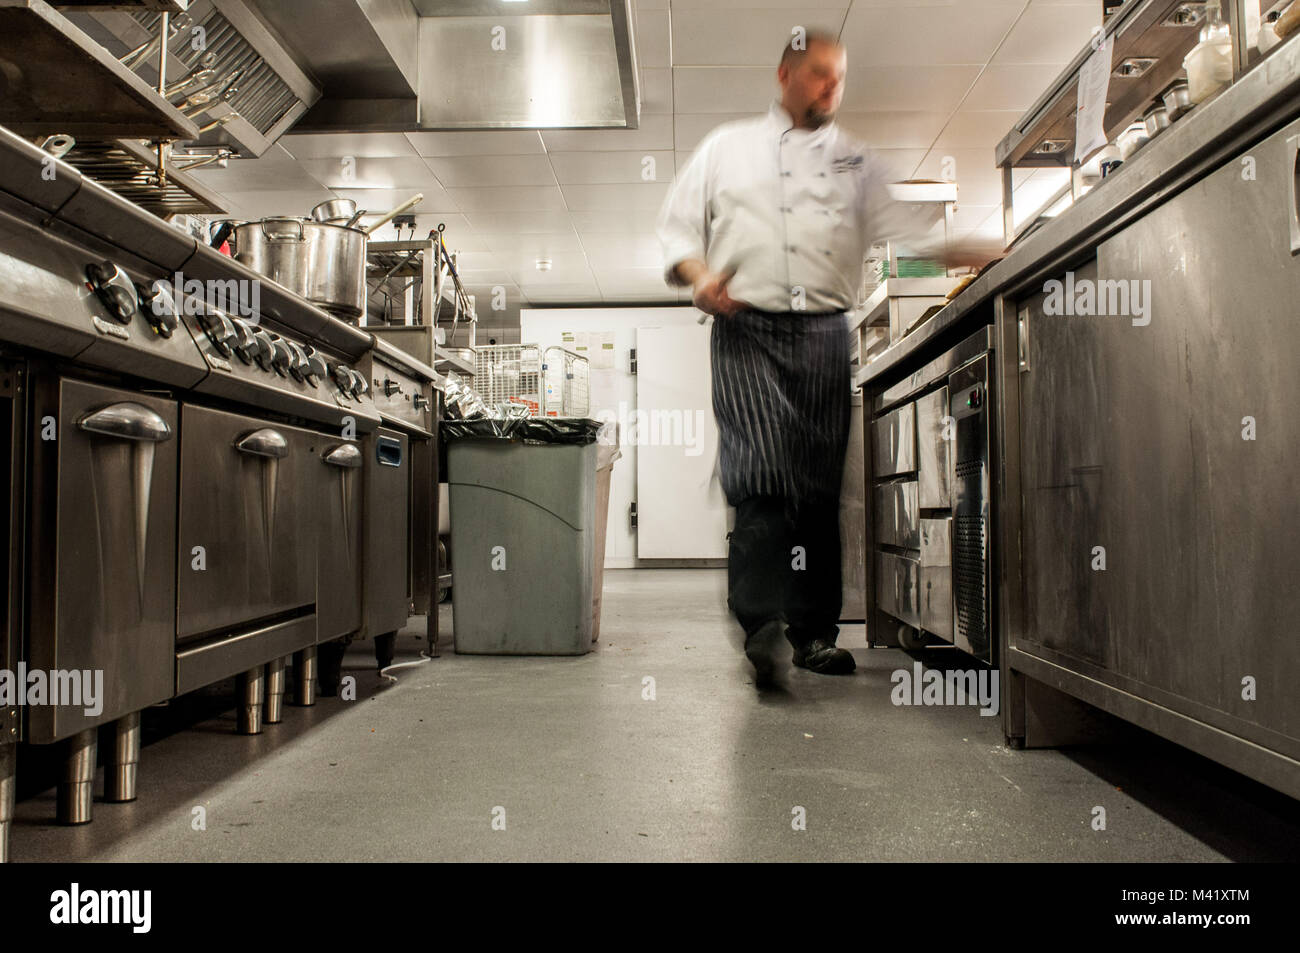 Ein Foto mit Bewegungsunschärfe eines Kochs schnell in einem Restaurant Küche Stockbild